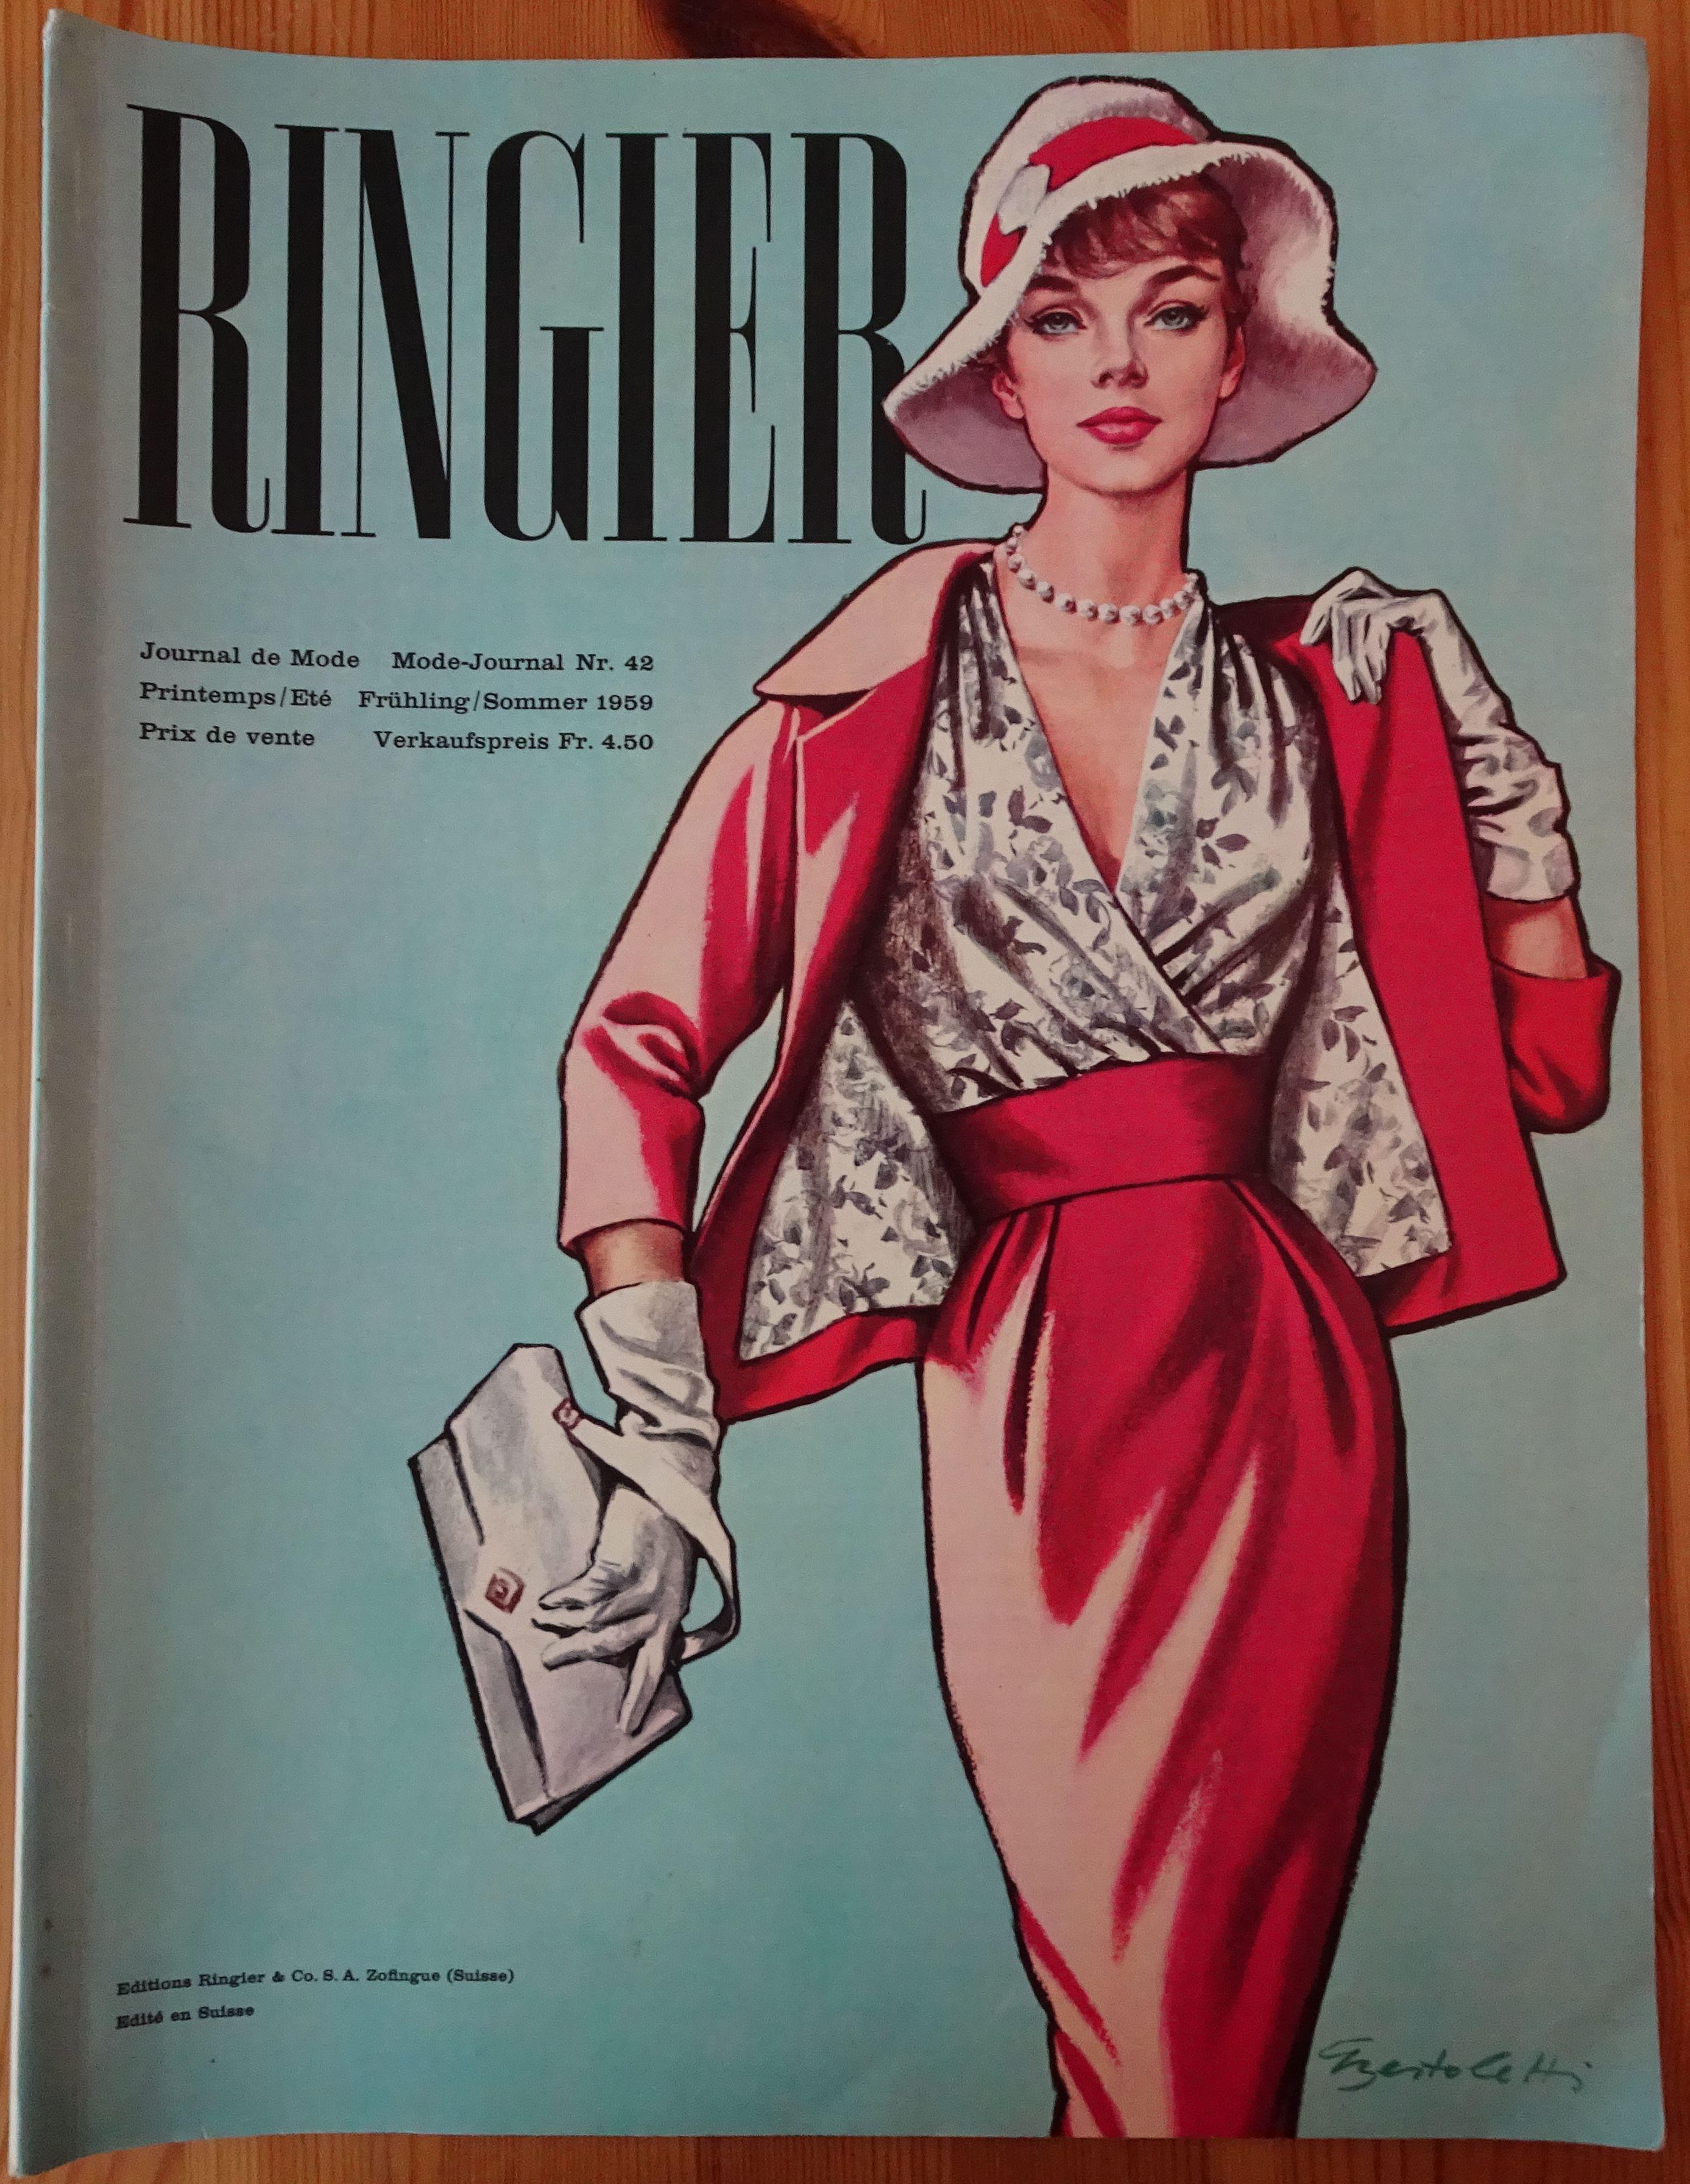 Ringier Journal de Mode Spring/Summer 1959